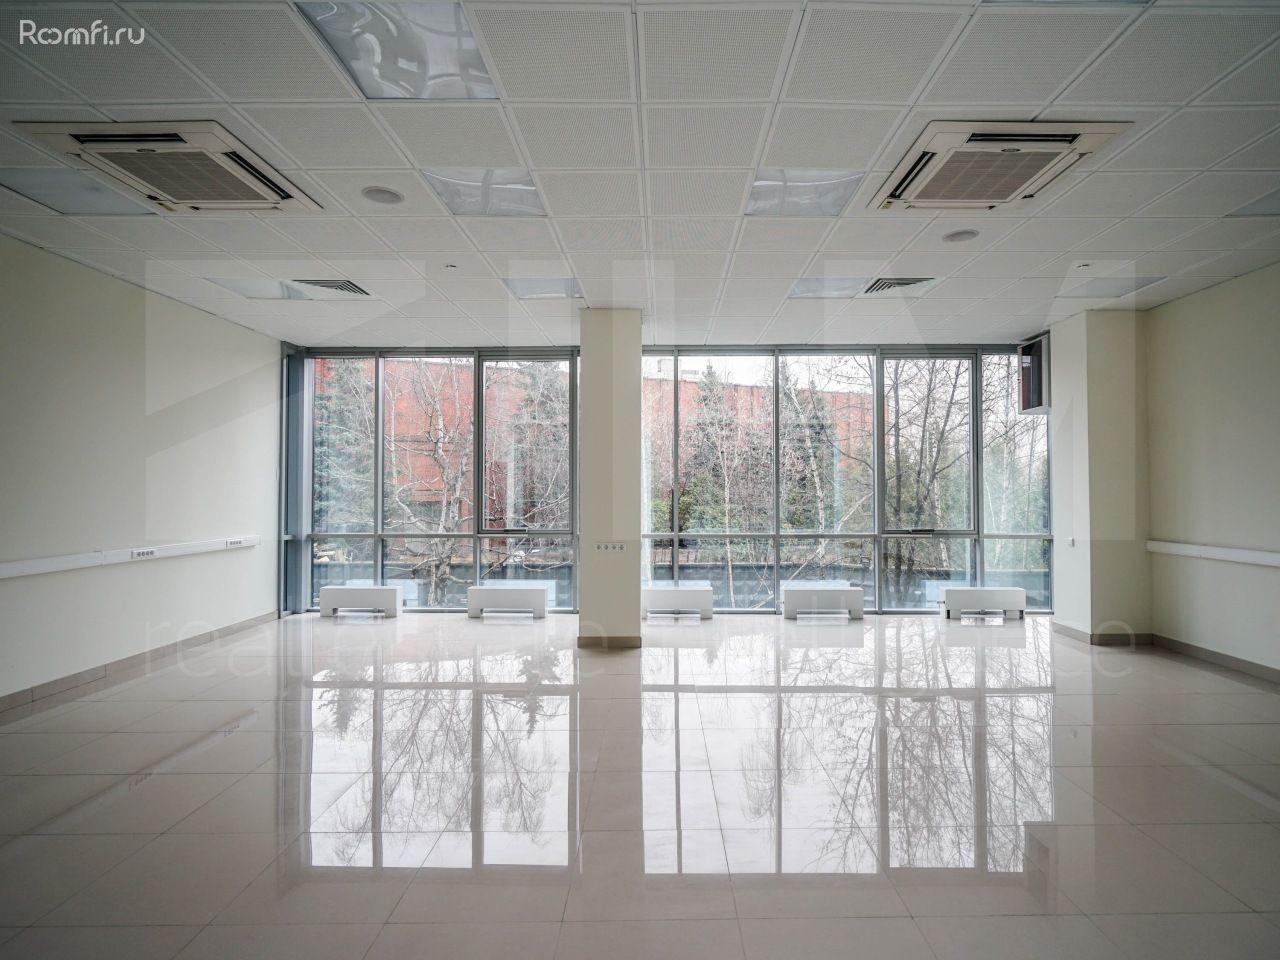 Аренда офиса 15 кв Буракова улица коммерческая недвижимость в аренду в городе шымкент казахстан